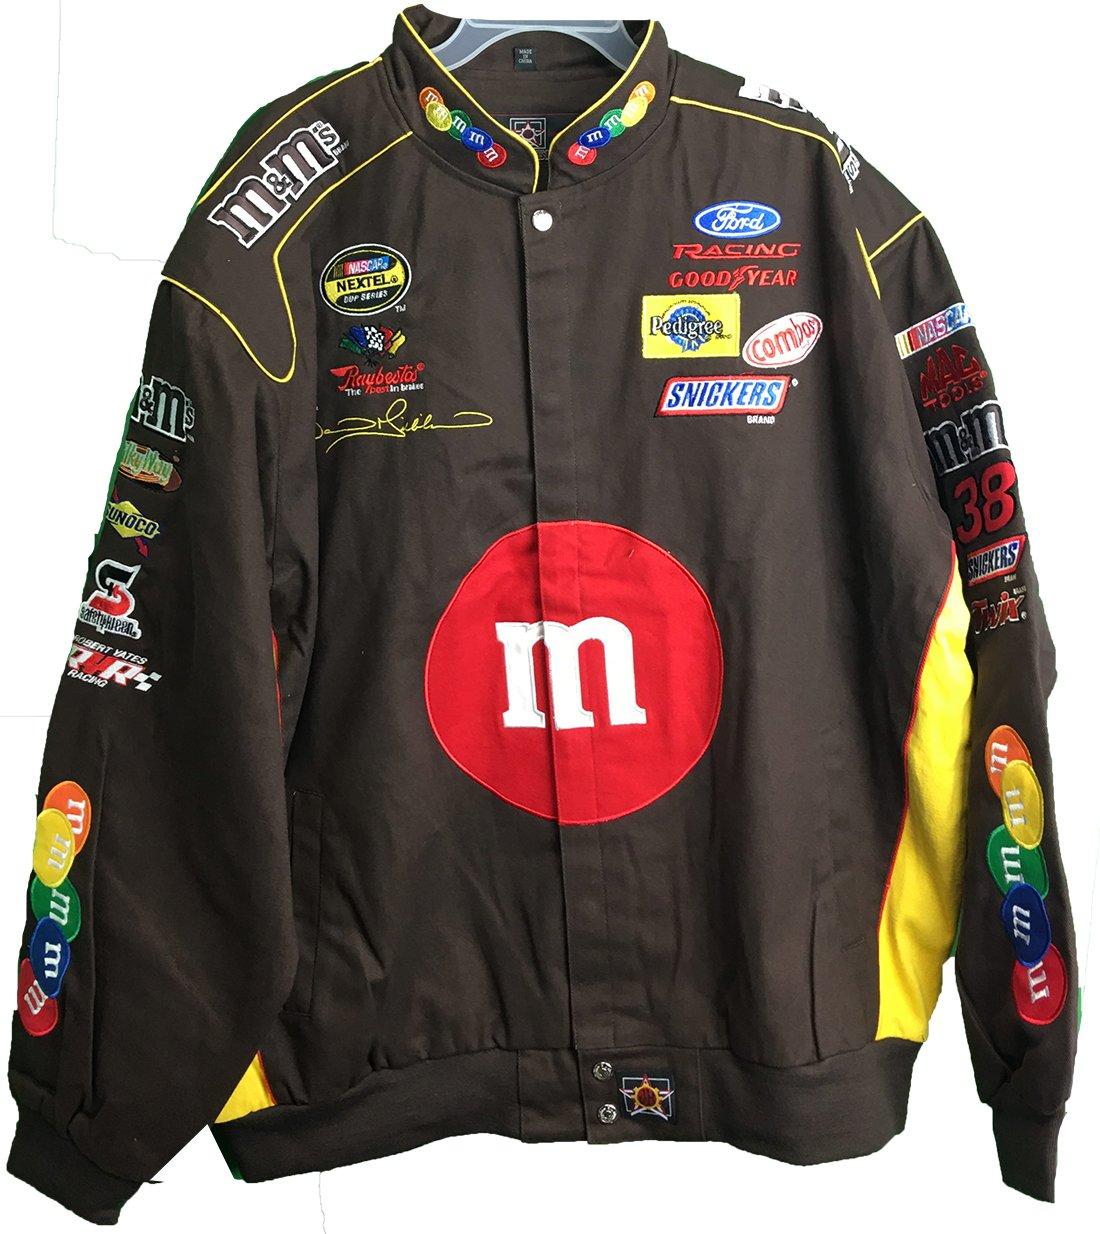 新品 NASCAR 's M & M 's David 4X David Gilliland Tracksideヴィンテージ大人ジャケット 4X B01LHTGPEW, ニマチョウ:4ffdbd41 --- efichas.com.br